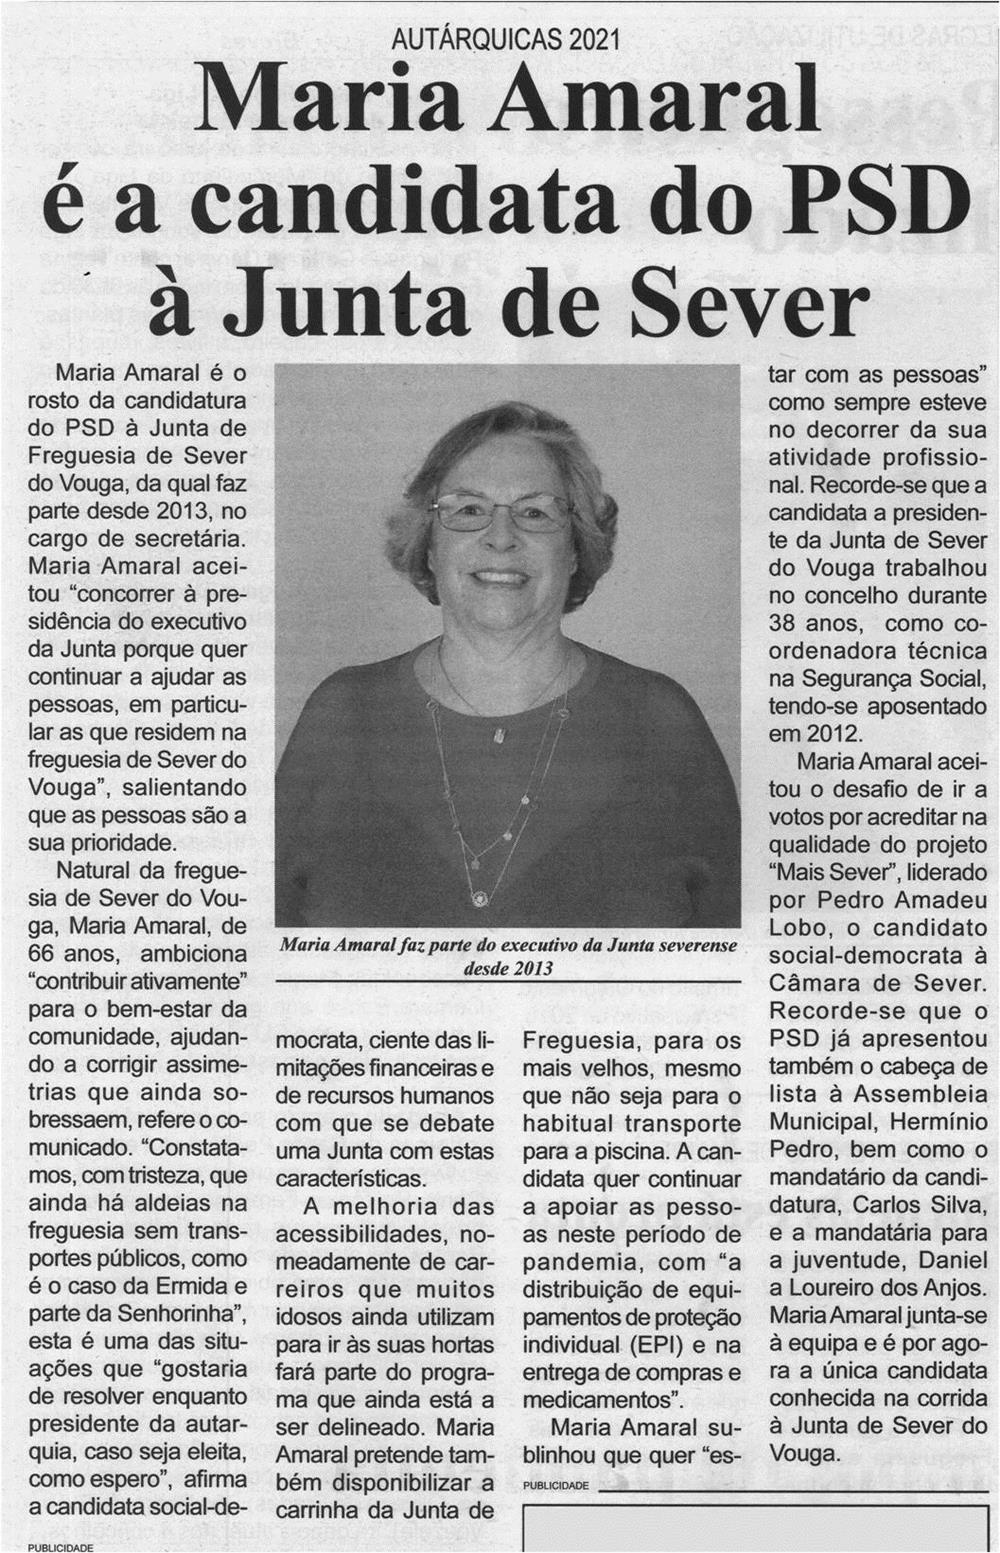 BV-1.ªjul.'21-p.5-Autárquicas 2021 : Maria Amaral é a candidata do PSD à Junta de Sever.jpg